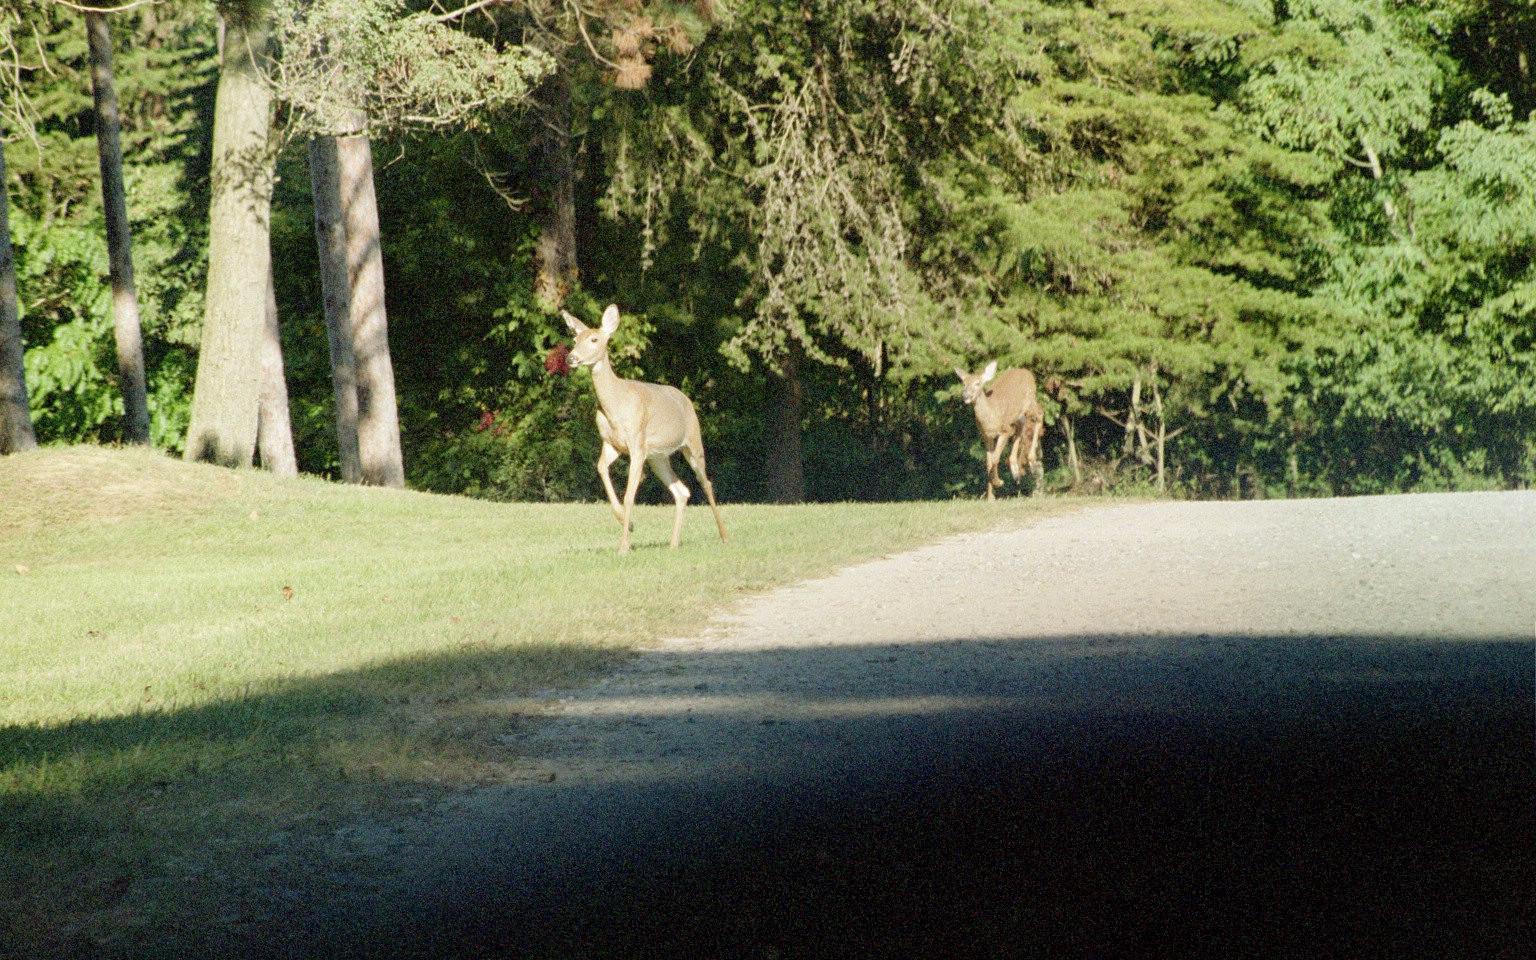 Deer-by-the-roadIMG25.jpg